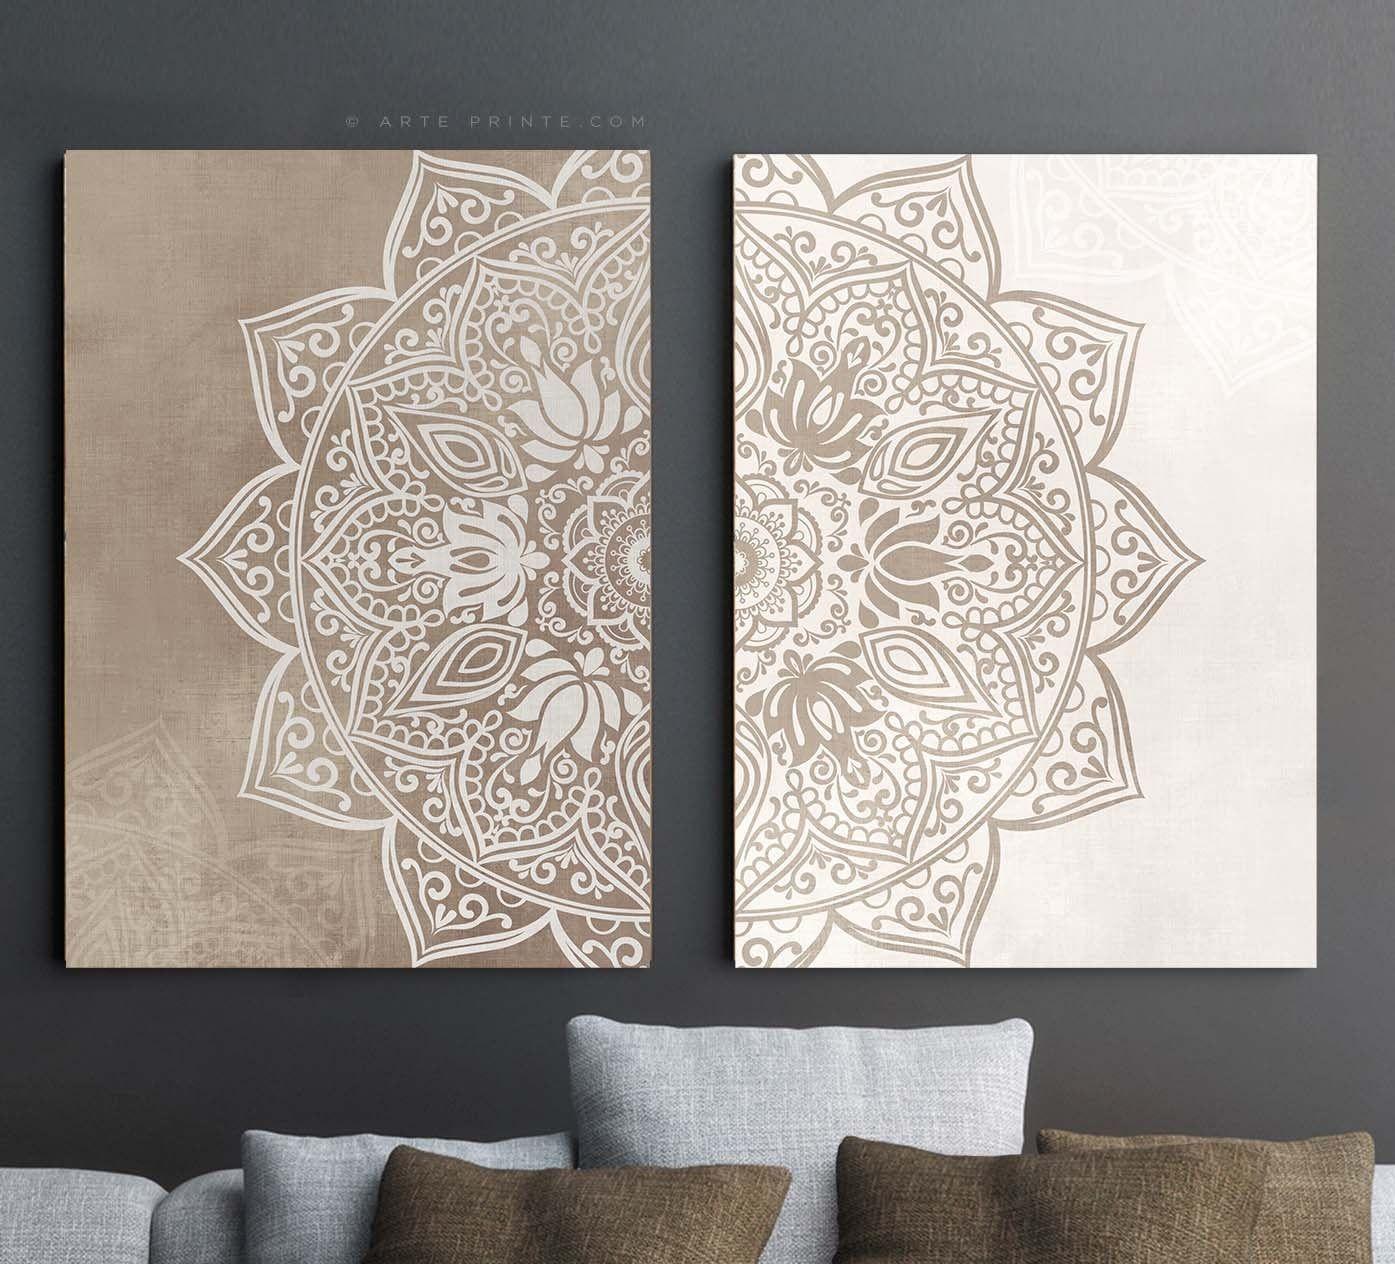 Mandala Wall Art Canvas Or Paper Prints Boho Bedroom Living Etsy Mandala Wall Art Wall Art Living Room Canvas Art Wall Decor #wall #prints #for #living #room